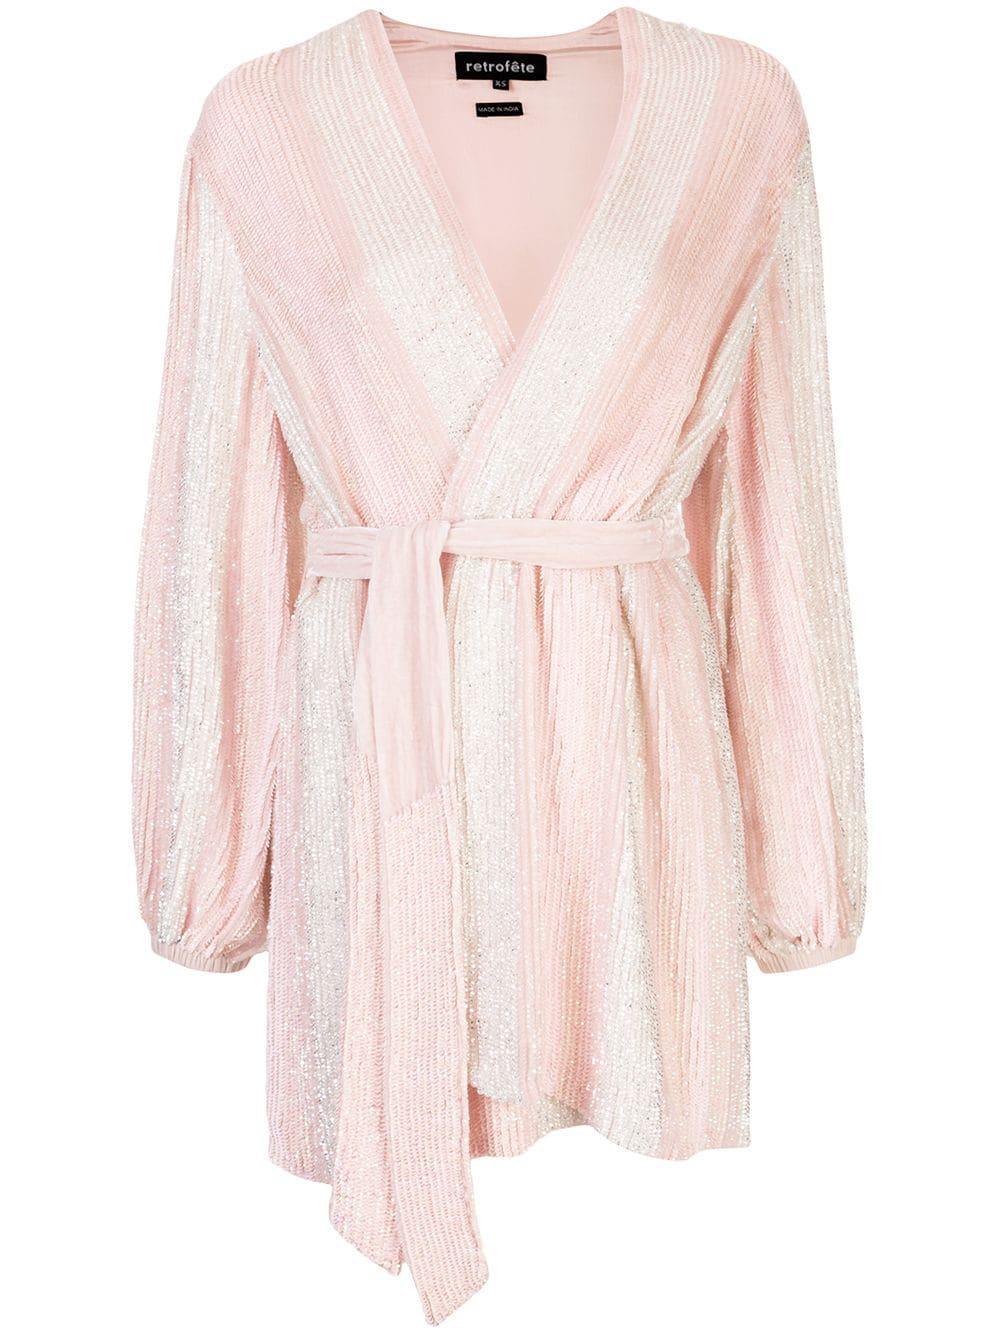 Gabrielle Robe Mini Dress Item # SS20-2701